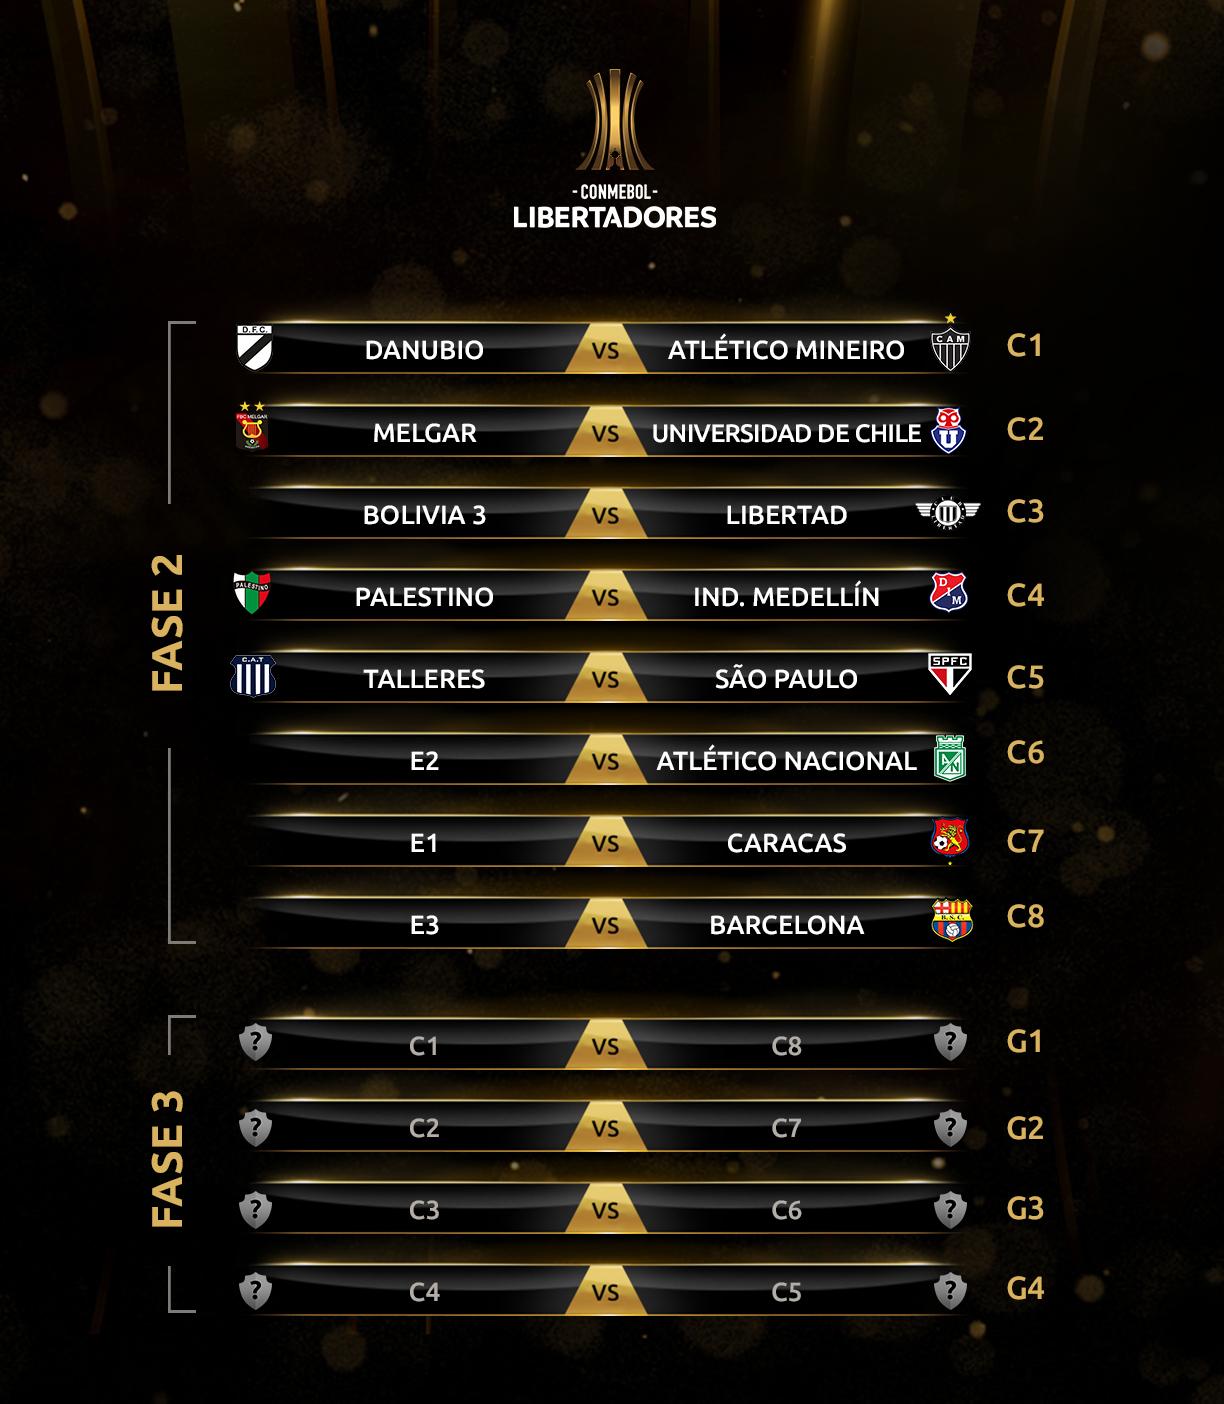 CONMEBOL Libertadores 2019 sorteo draw